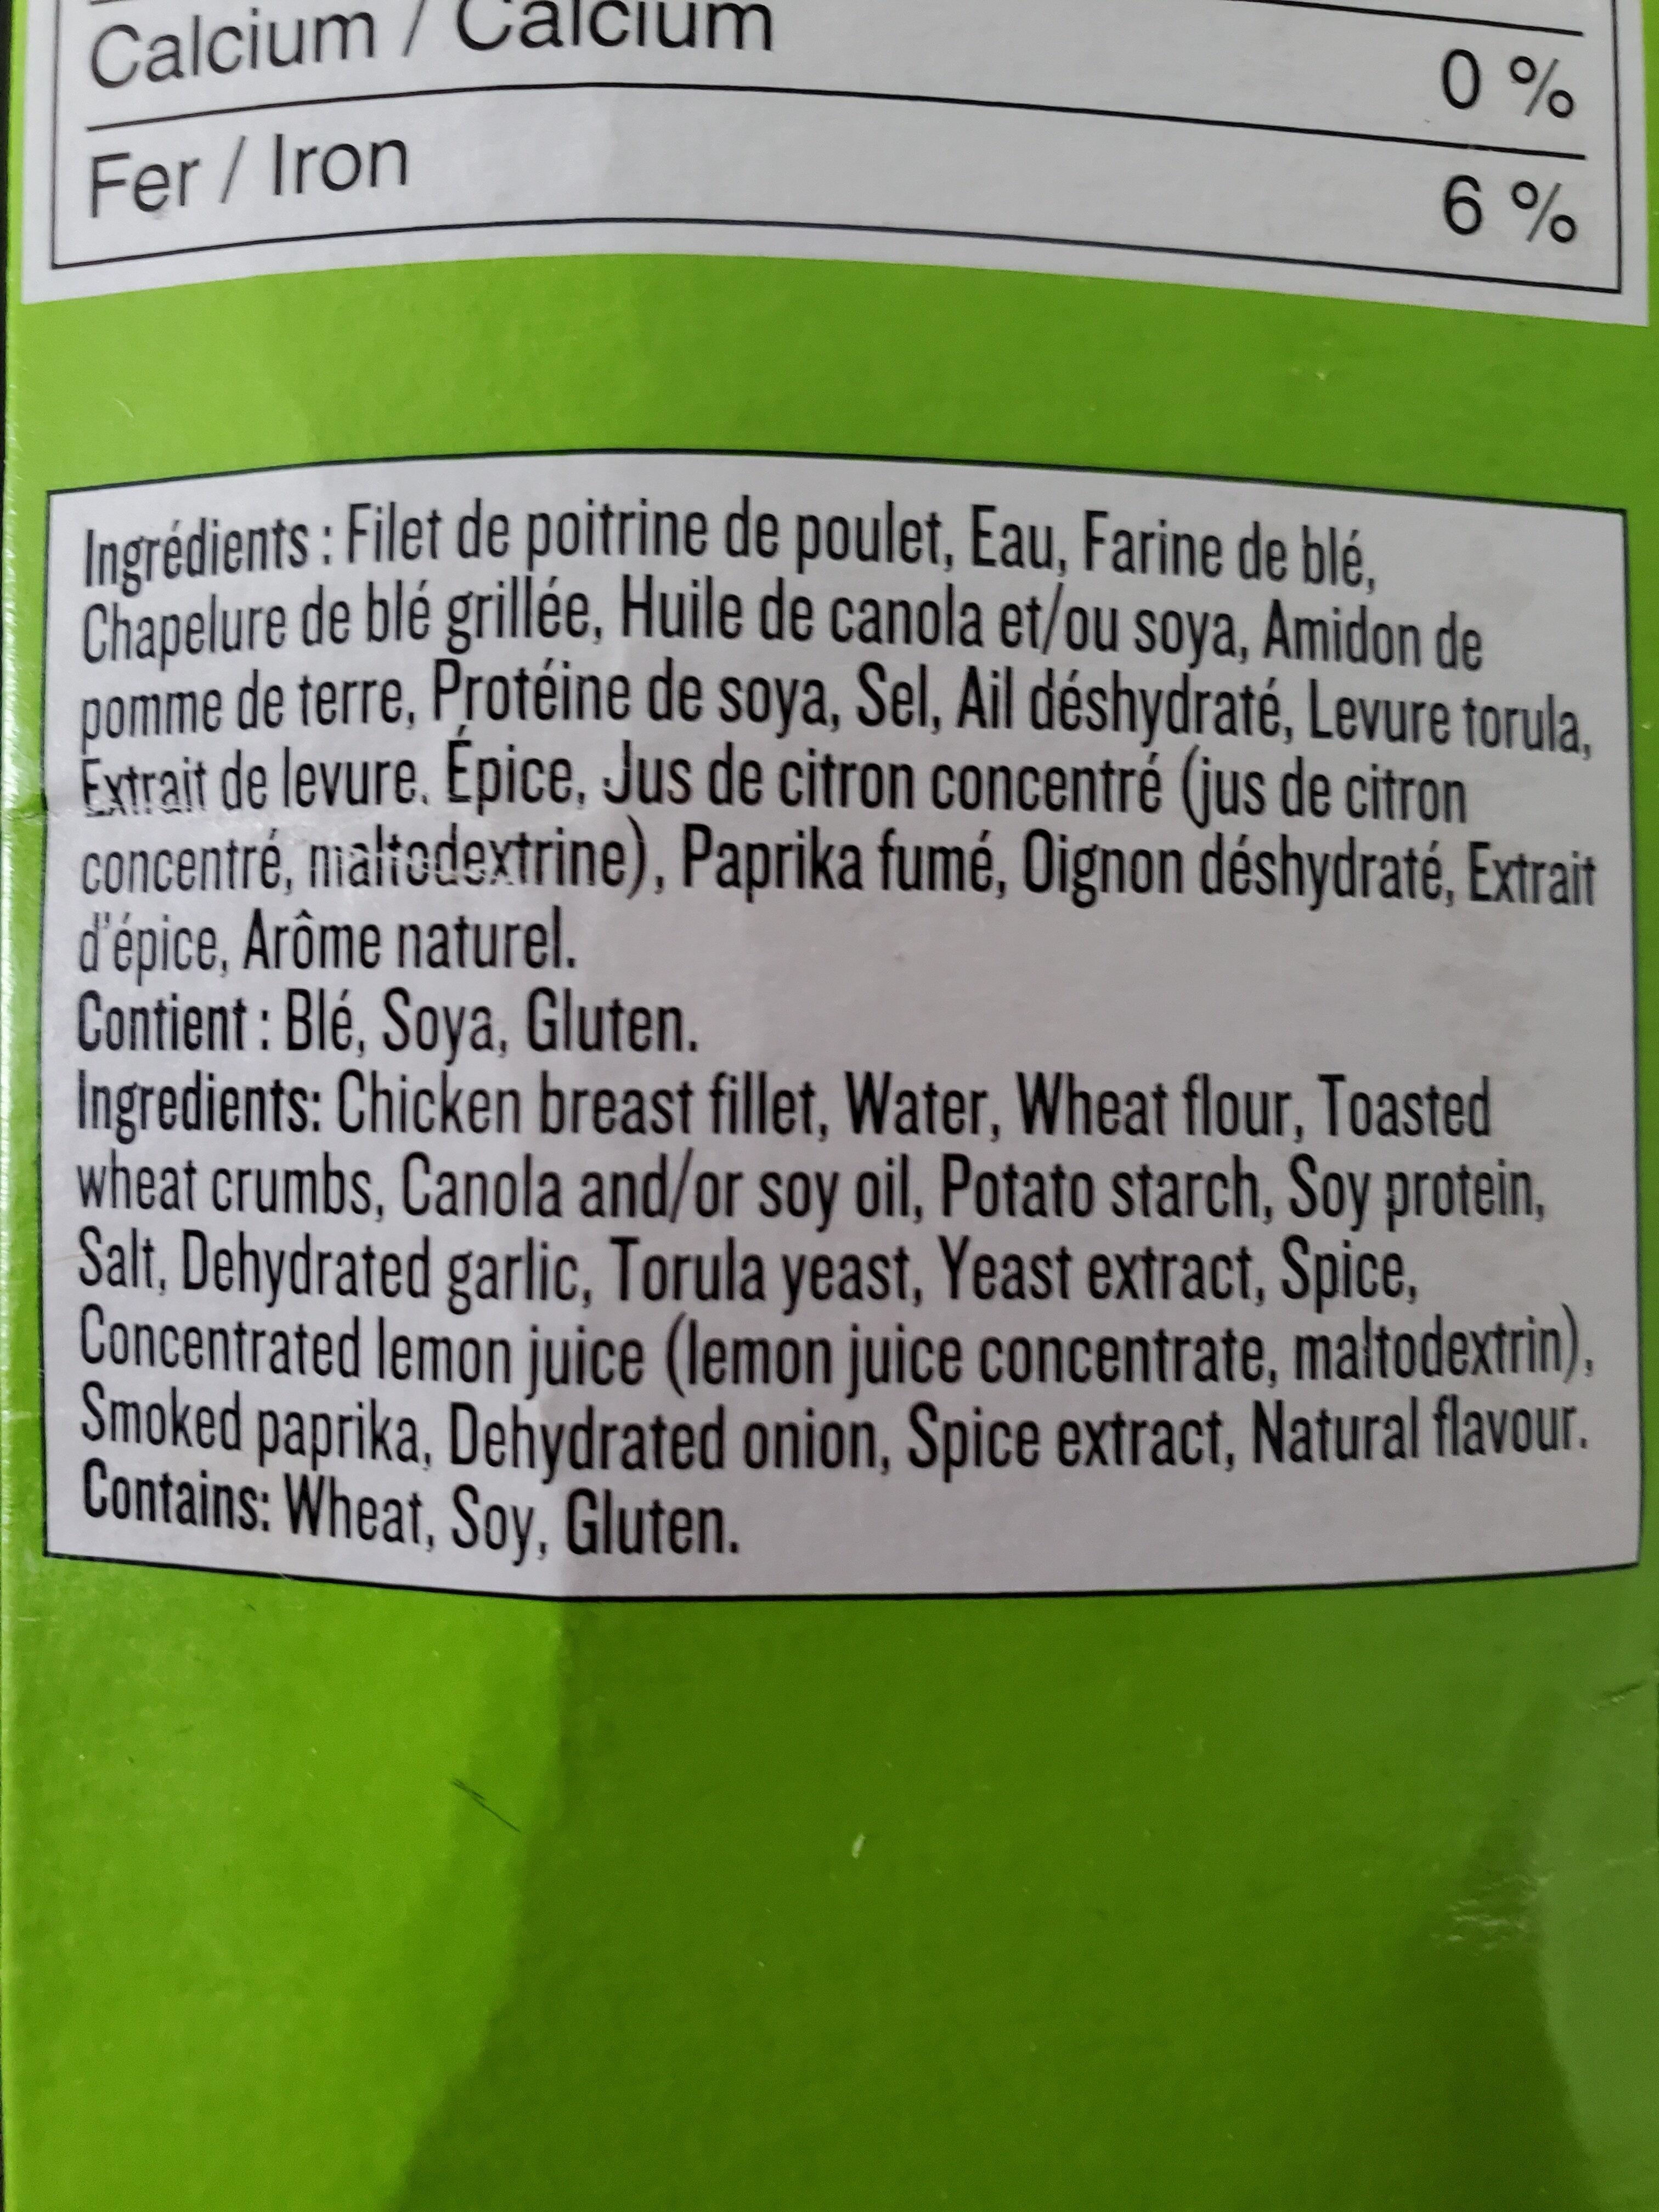 Filets de poulet - Ingredients - fr